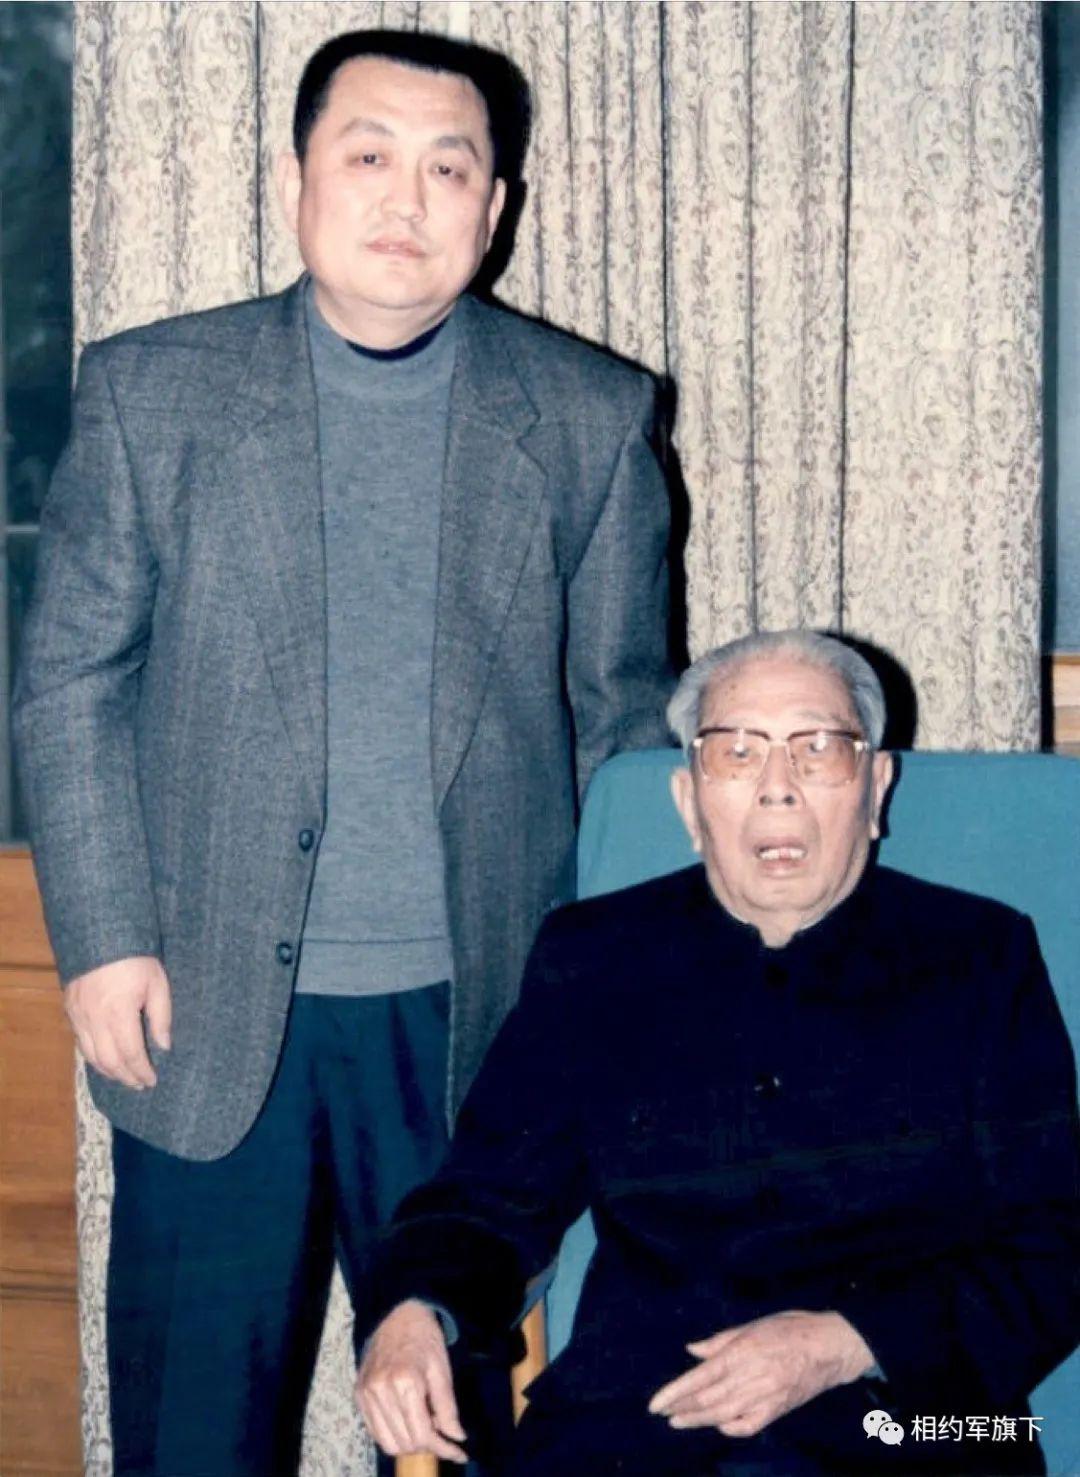 高佩璞:刘志丹牺牲在我父亲怀里(三)